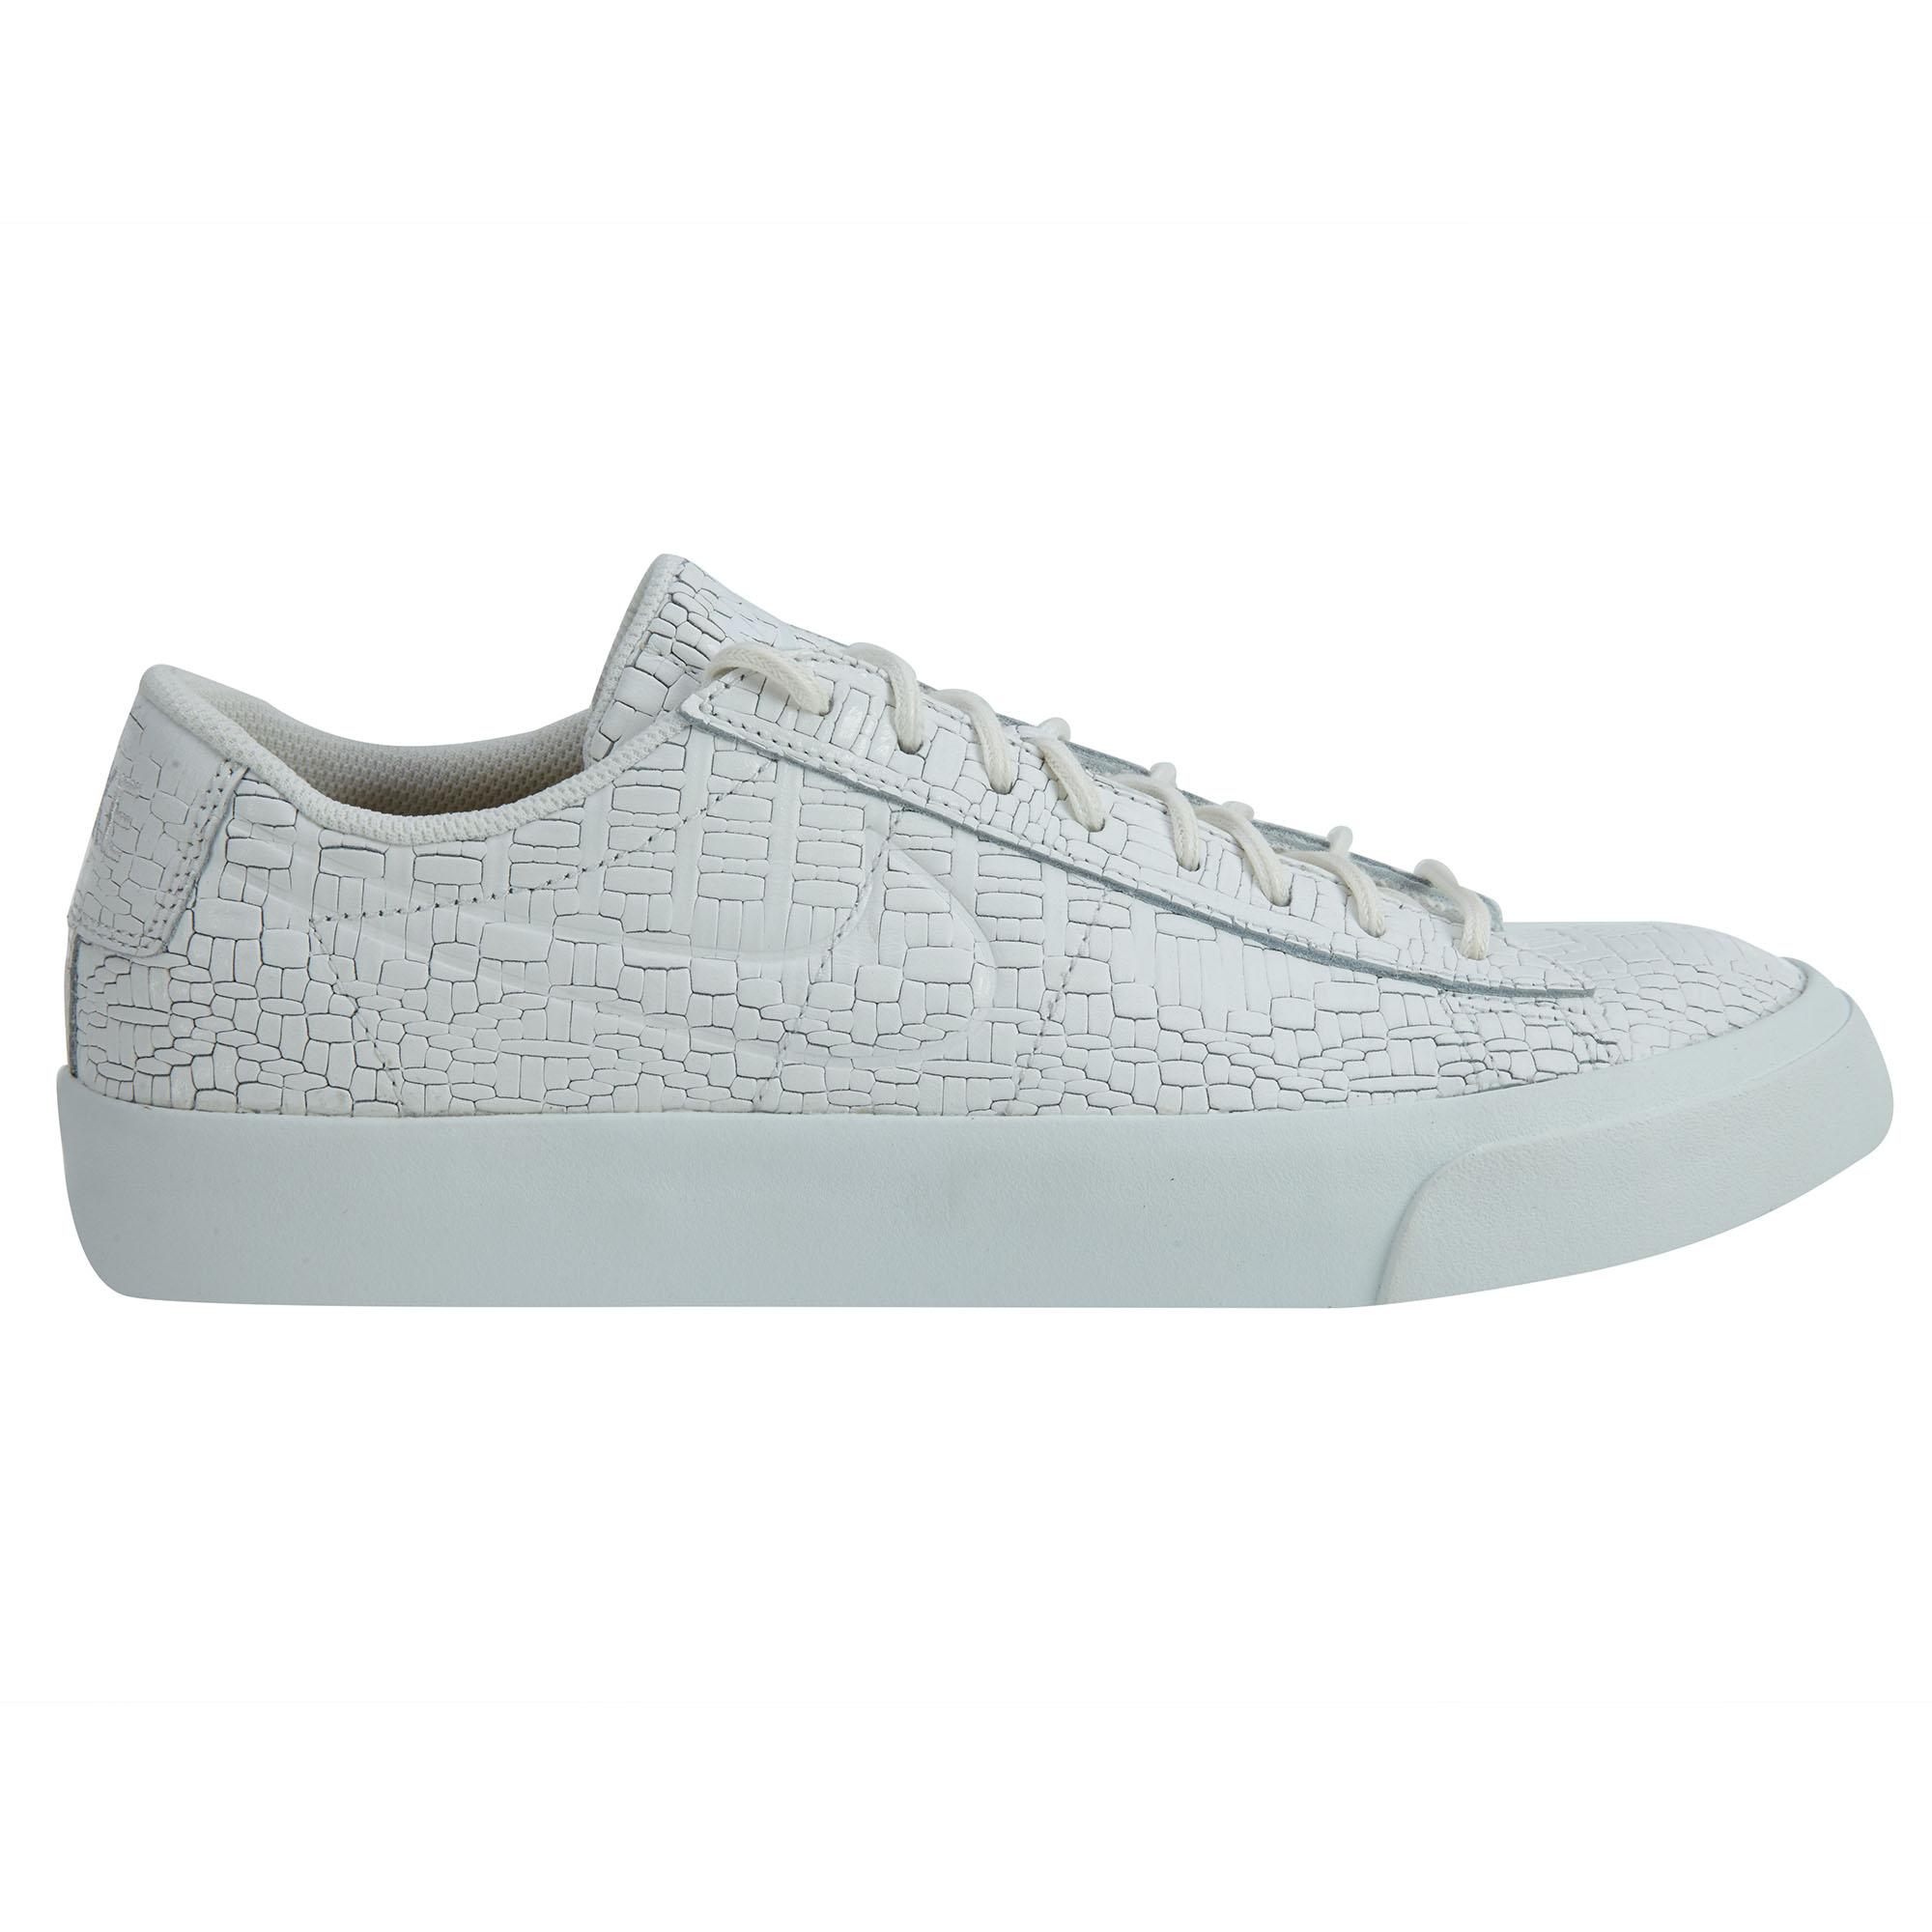 Nike Blazer Studio Low Summit White/Summit White - 880872-100